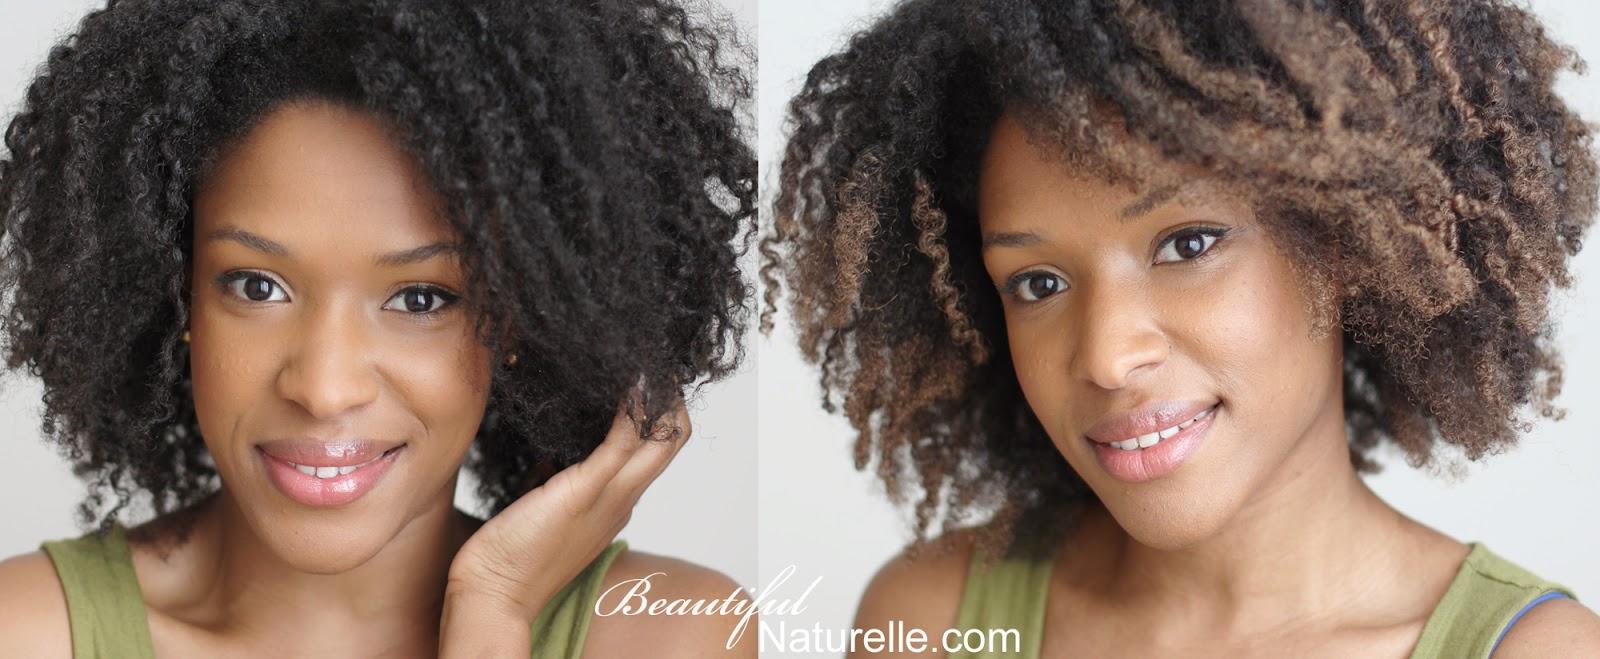 avant et aprs application de la coloration phmre beach bronze de loral sur cheveux boucls crpus - Coloration Naturelle Cheveux Crpus